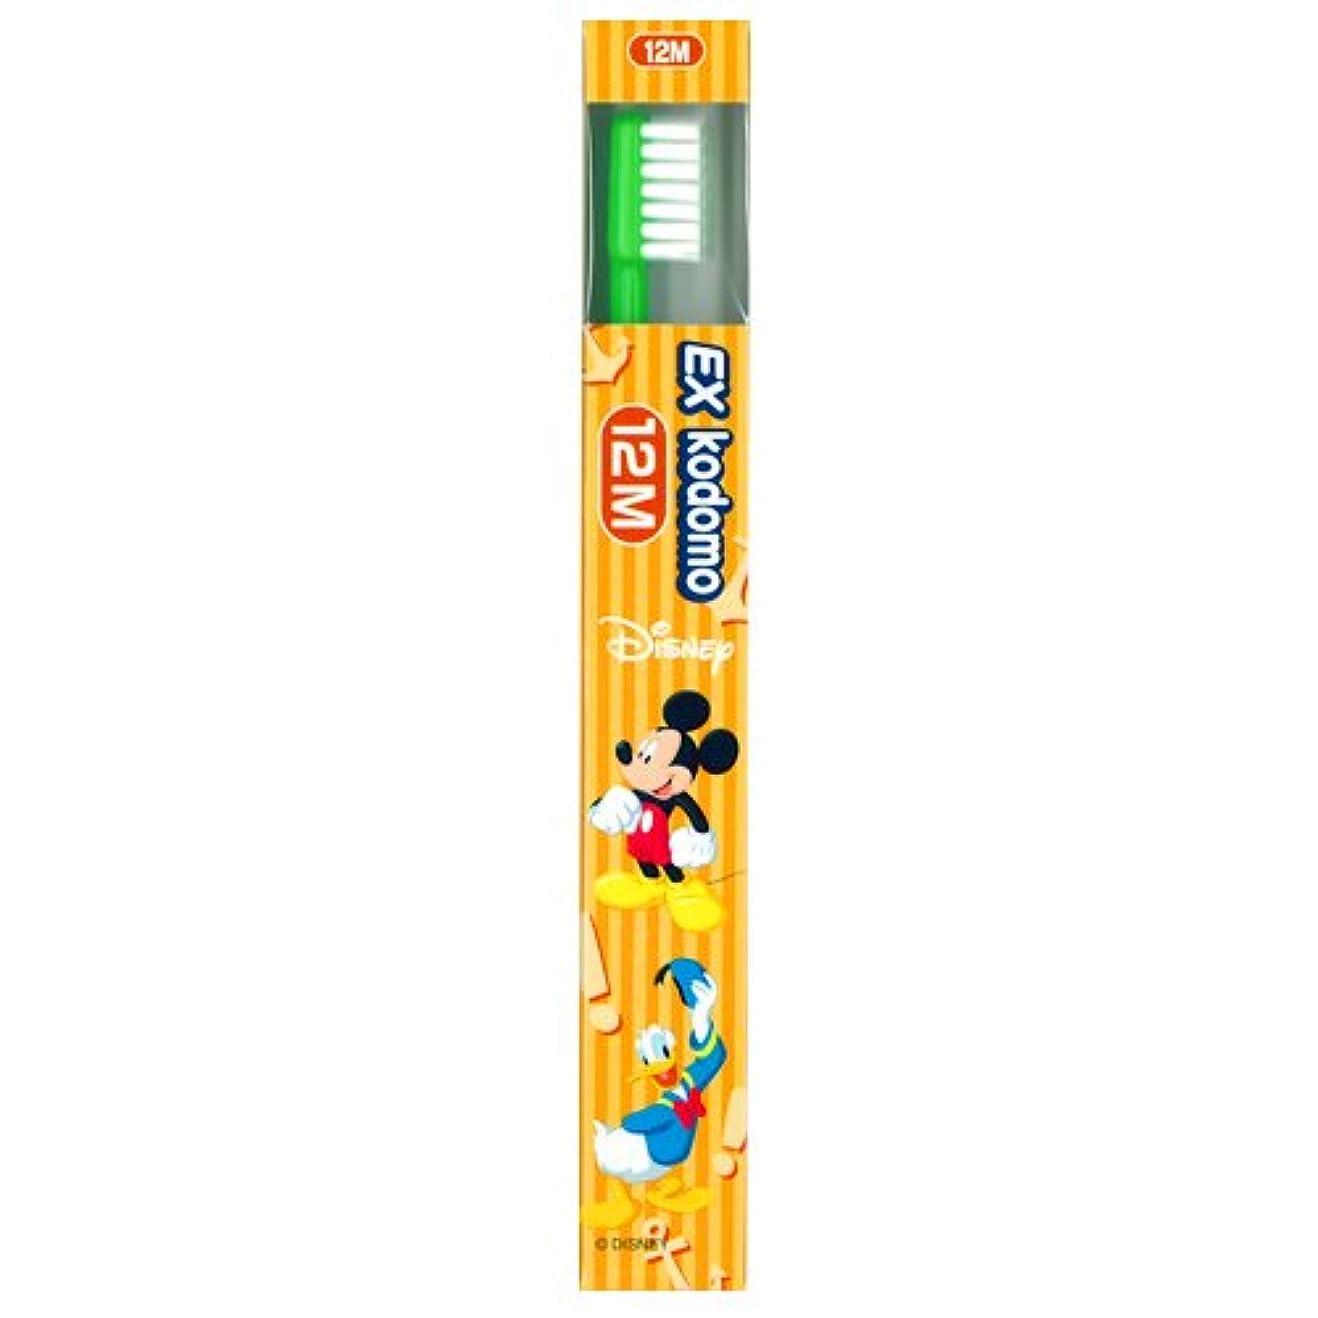 お手入れマイルド対人ライオン EX kodomo ディズニー 歯ブラシ 1本 12M グリーン